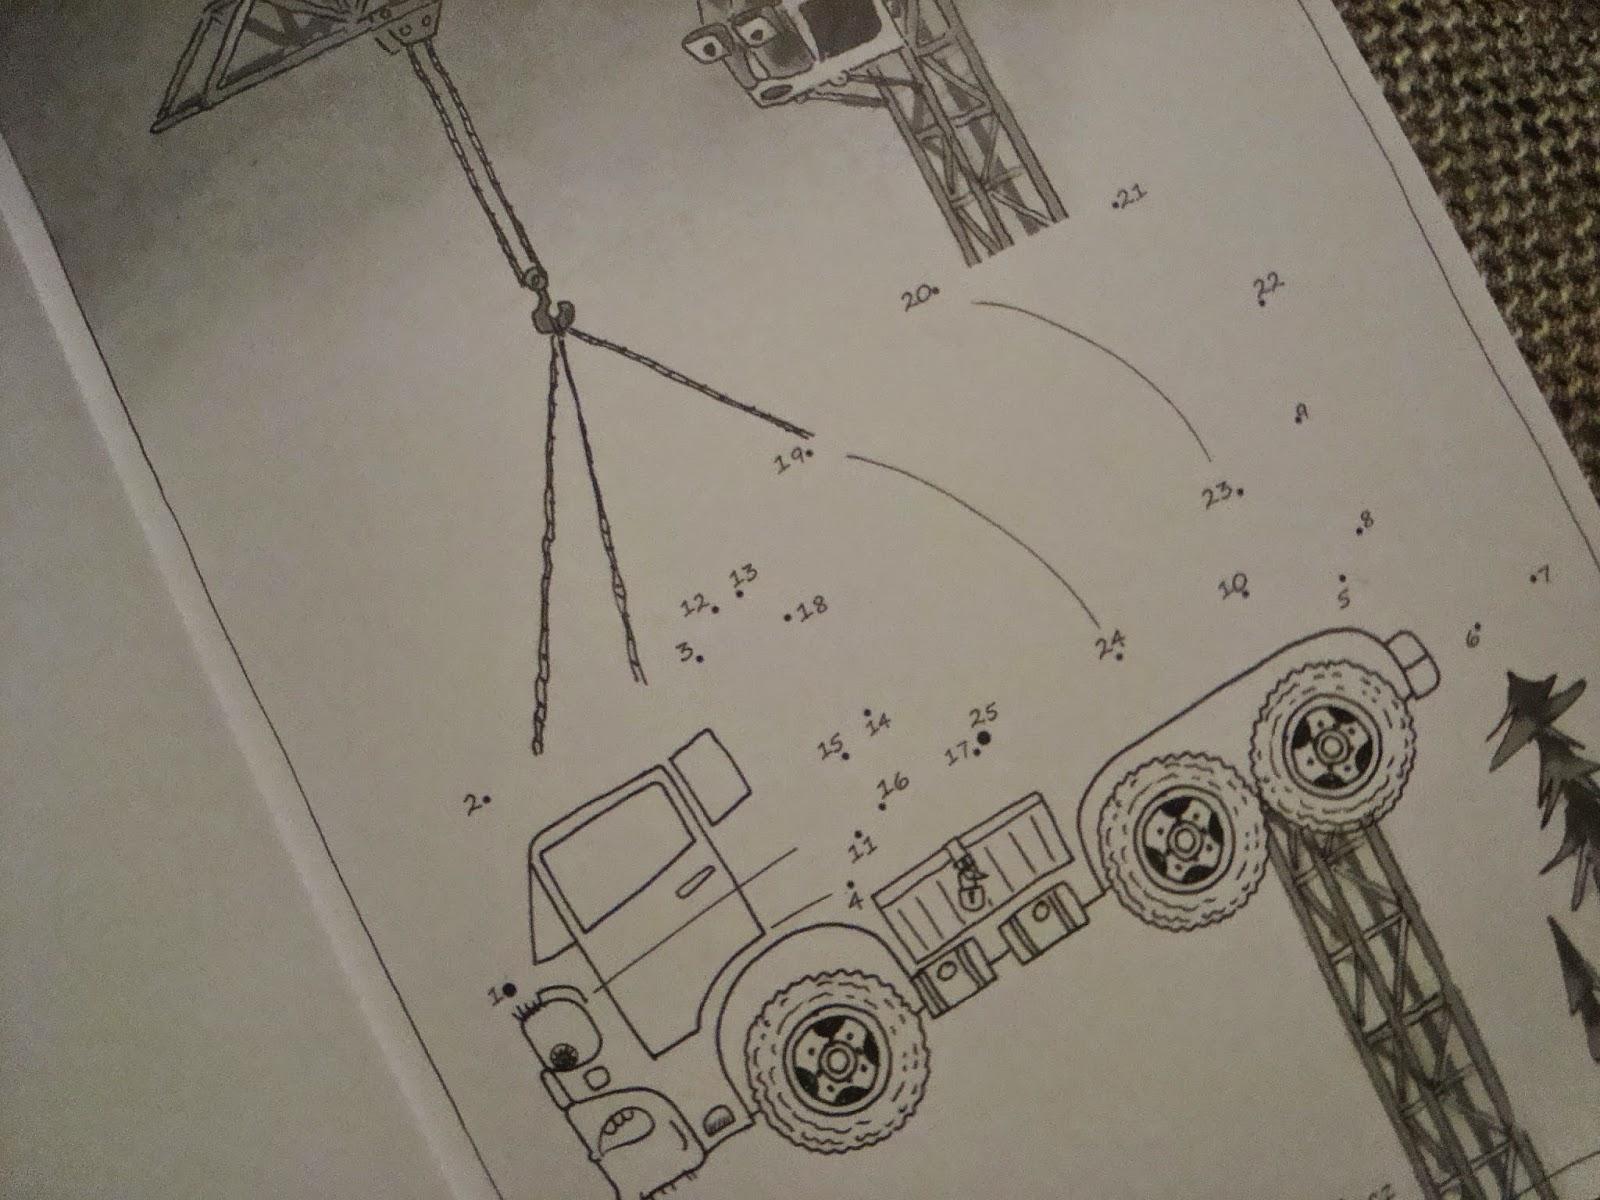 samochodowy blok rysunkowy, recenzja, nasza księgarnia